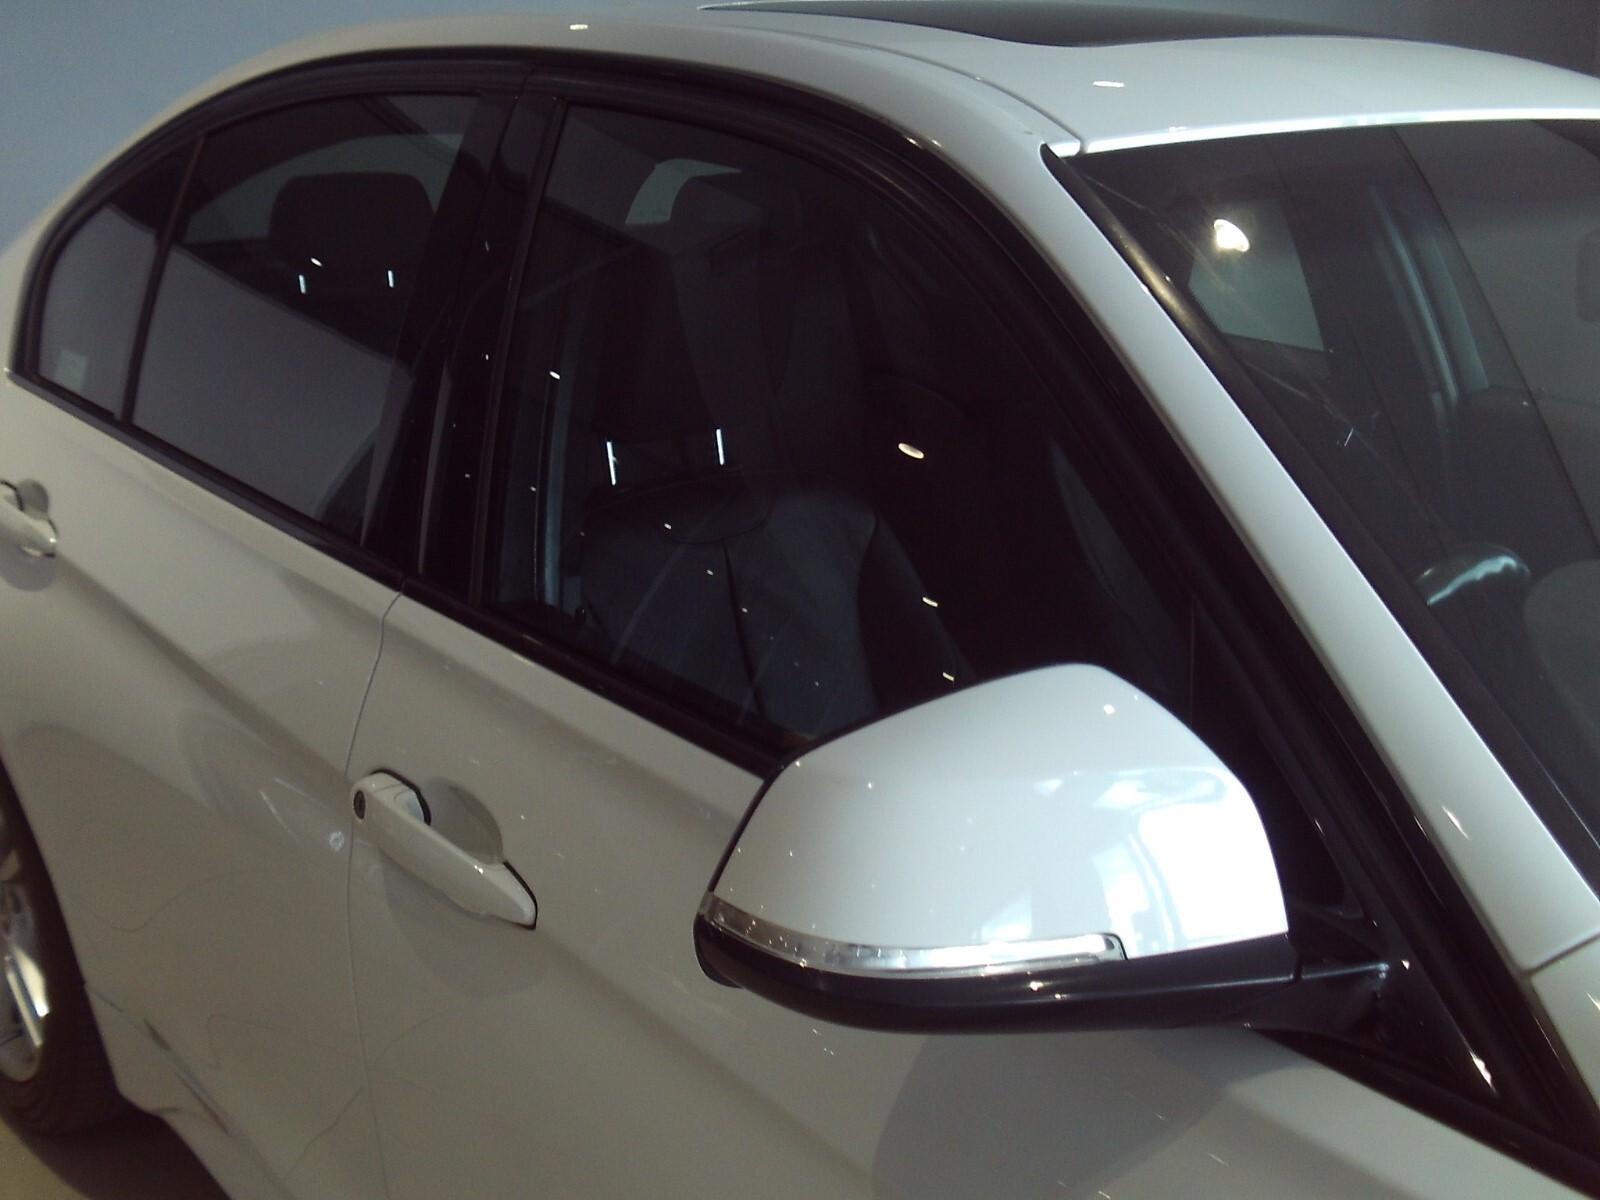 BMW 318i M SPORT A/T (F30) Roodepoort 2335162